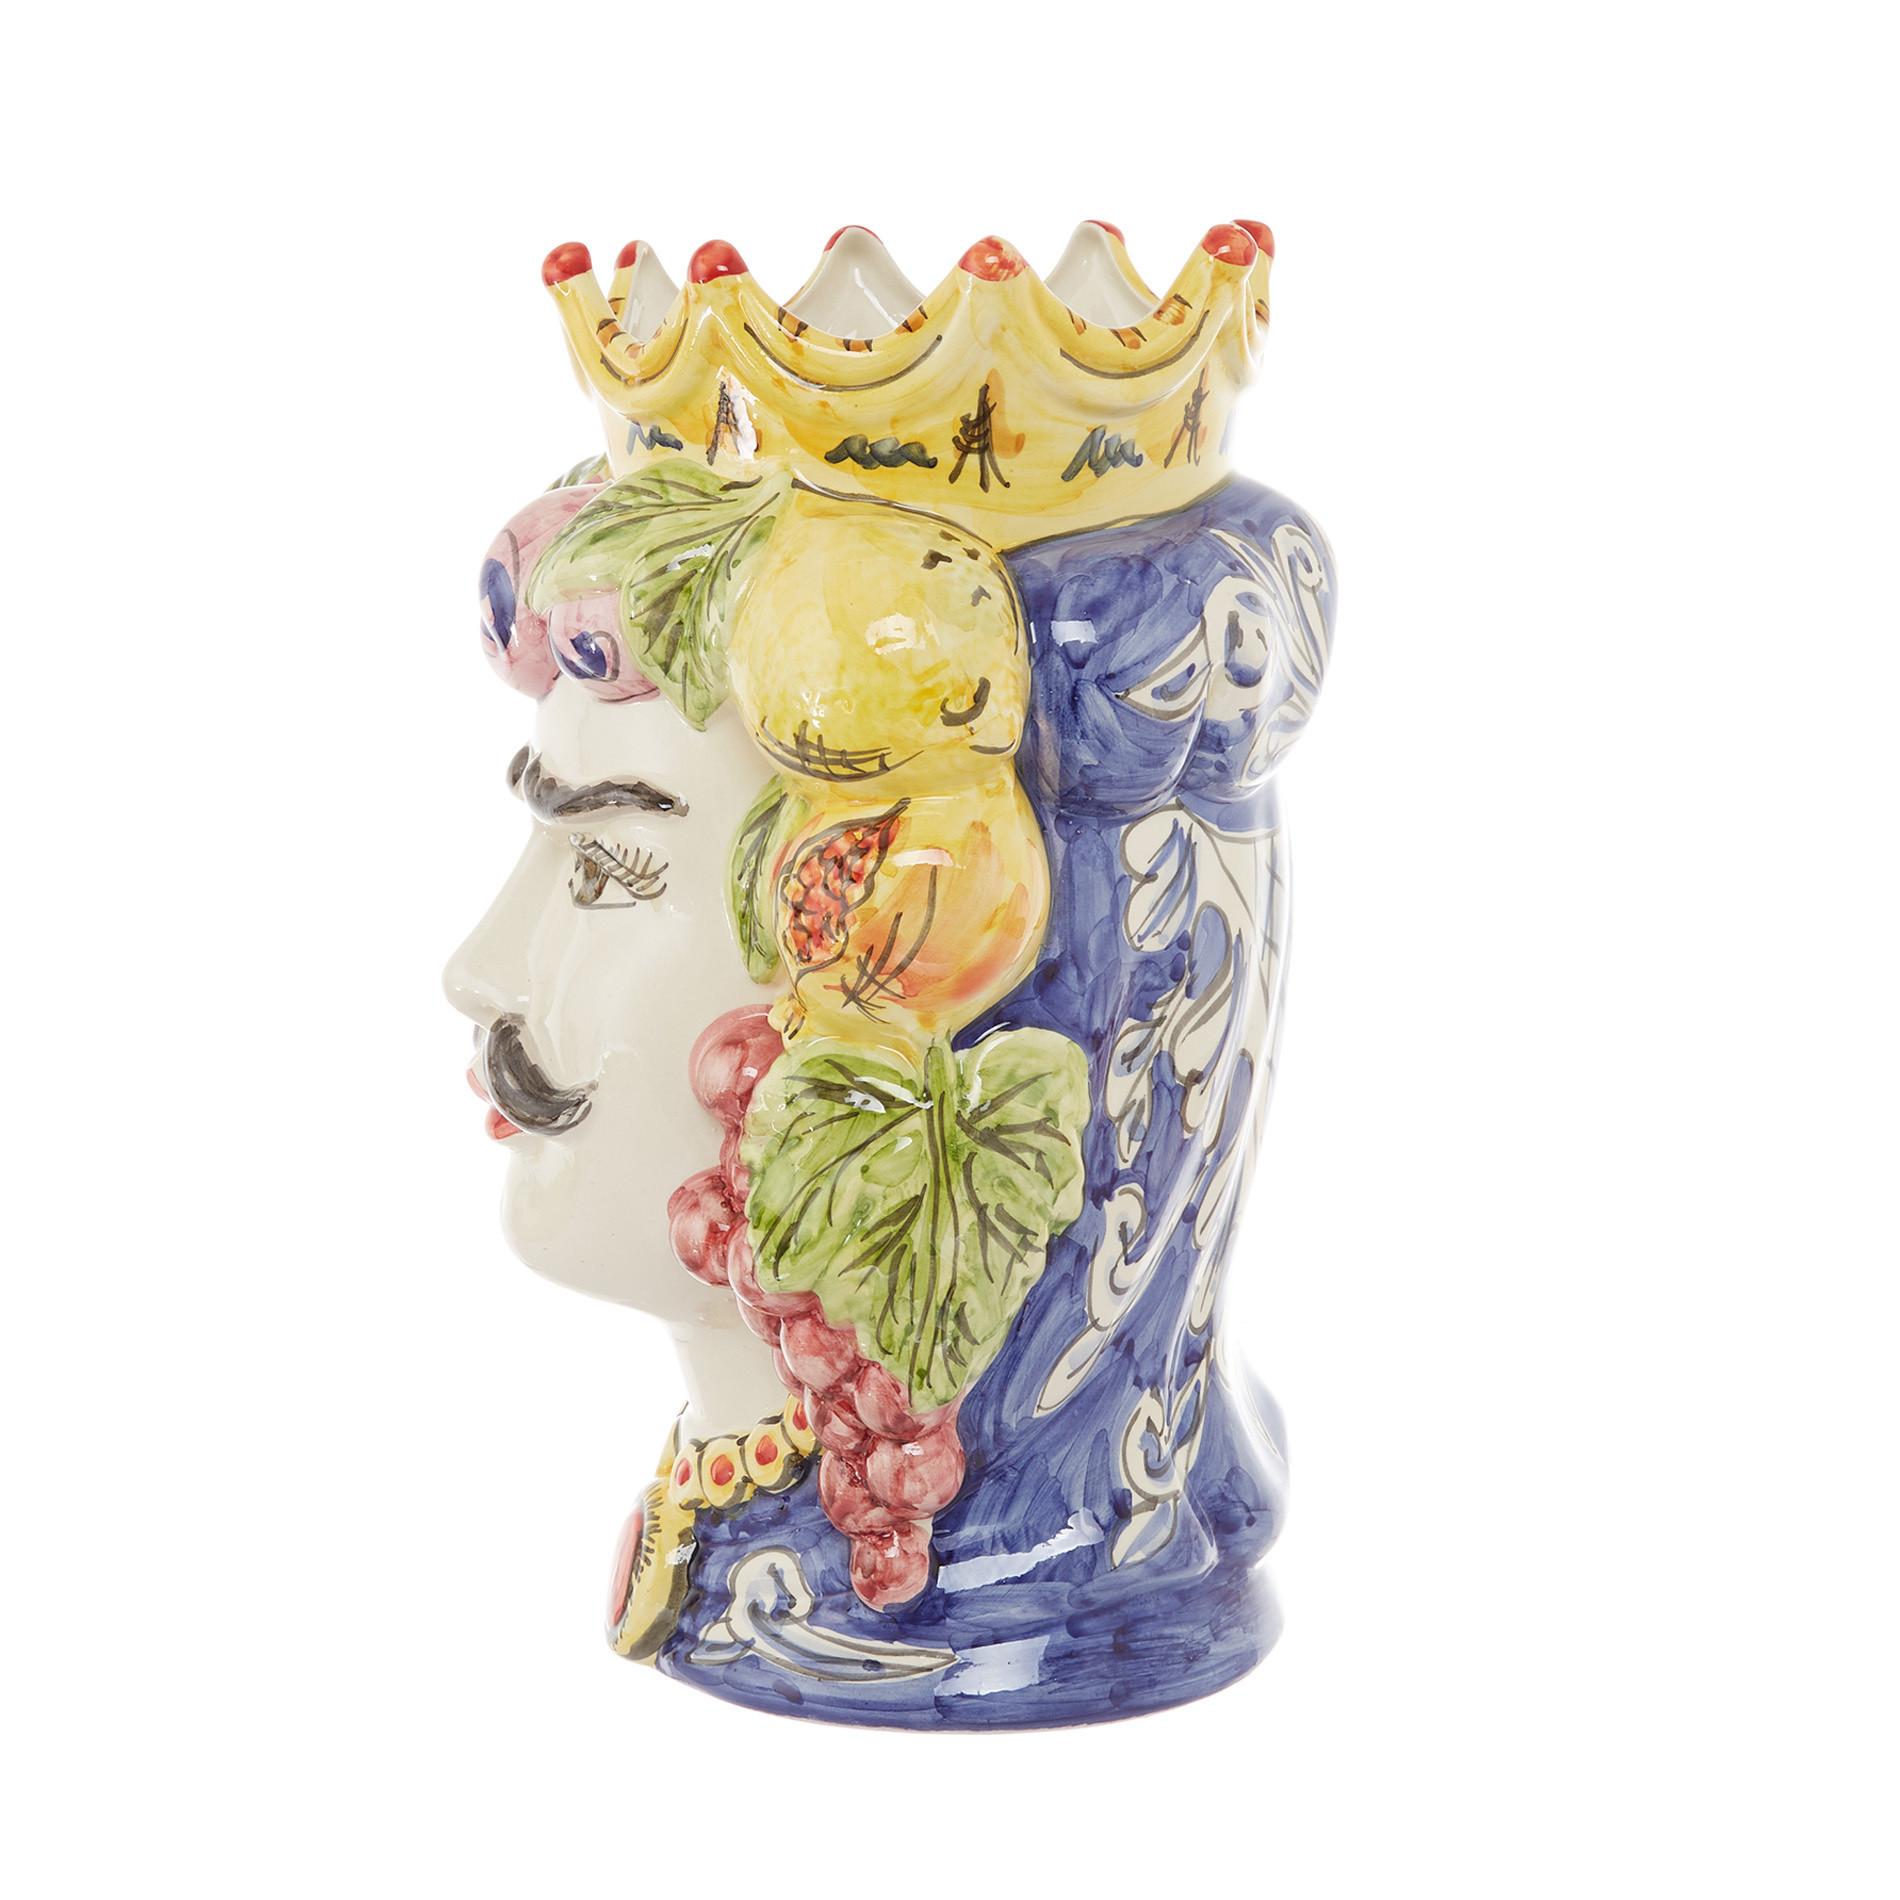 Testa di moro tradizionale by Ceramiche Siciliane Ruggeri, Multicolor, large image number 2